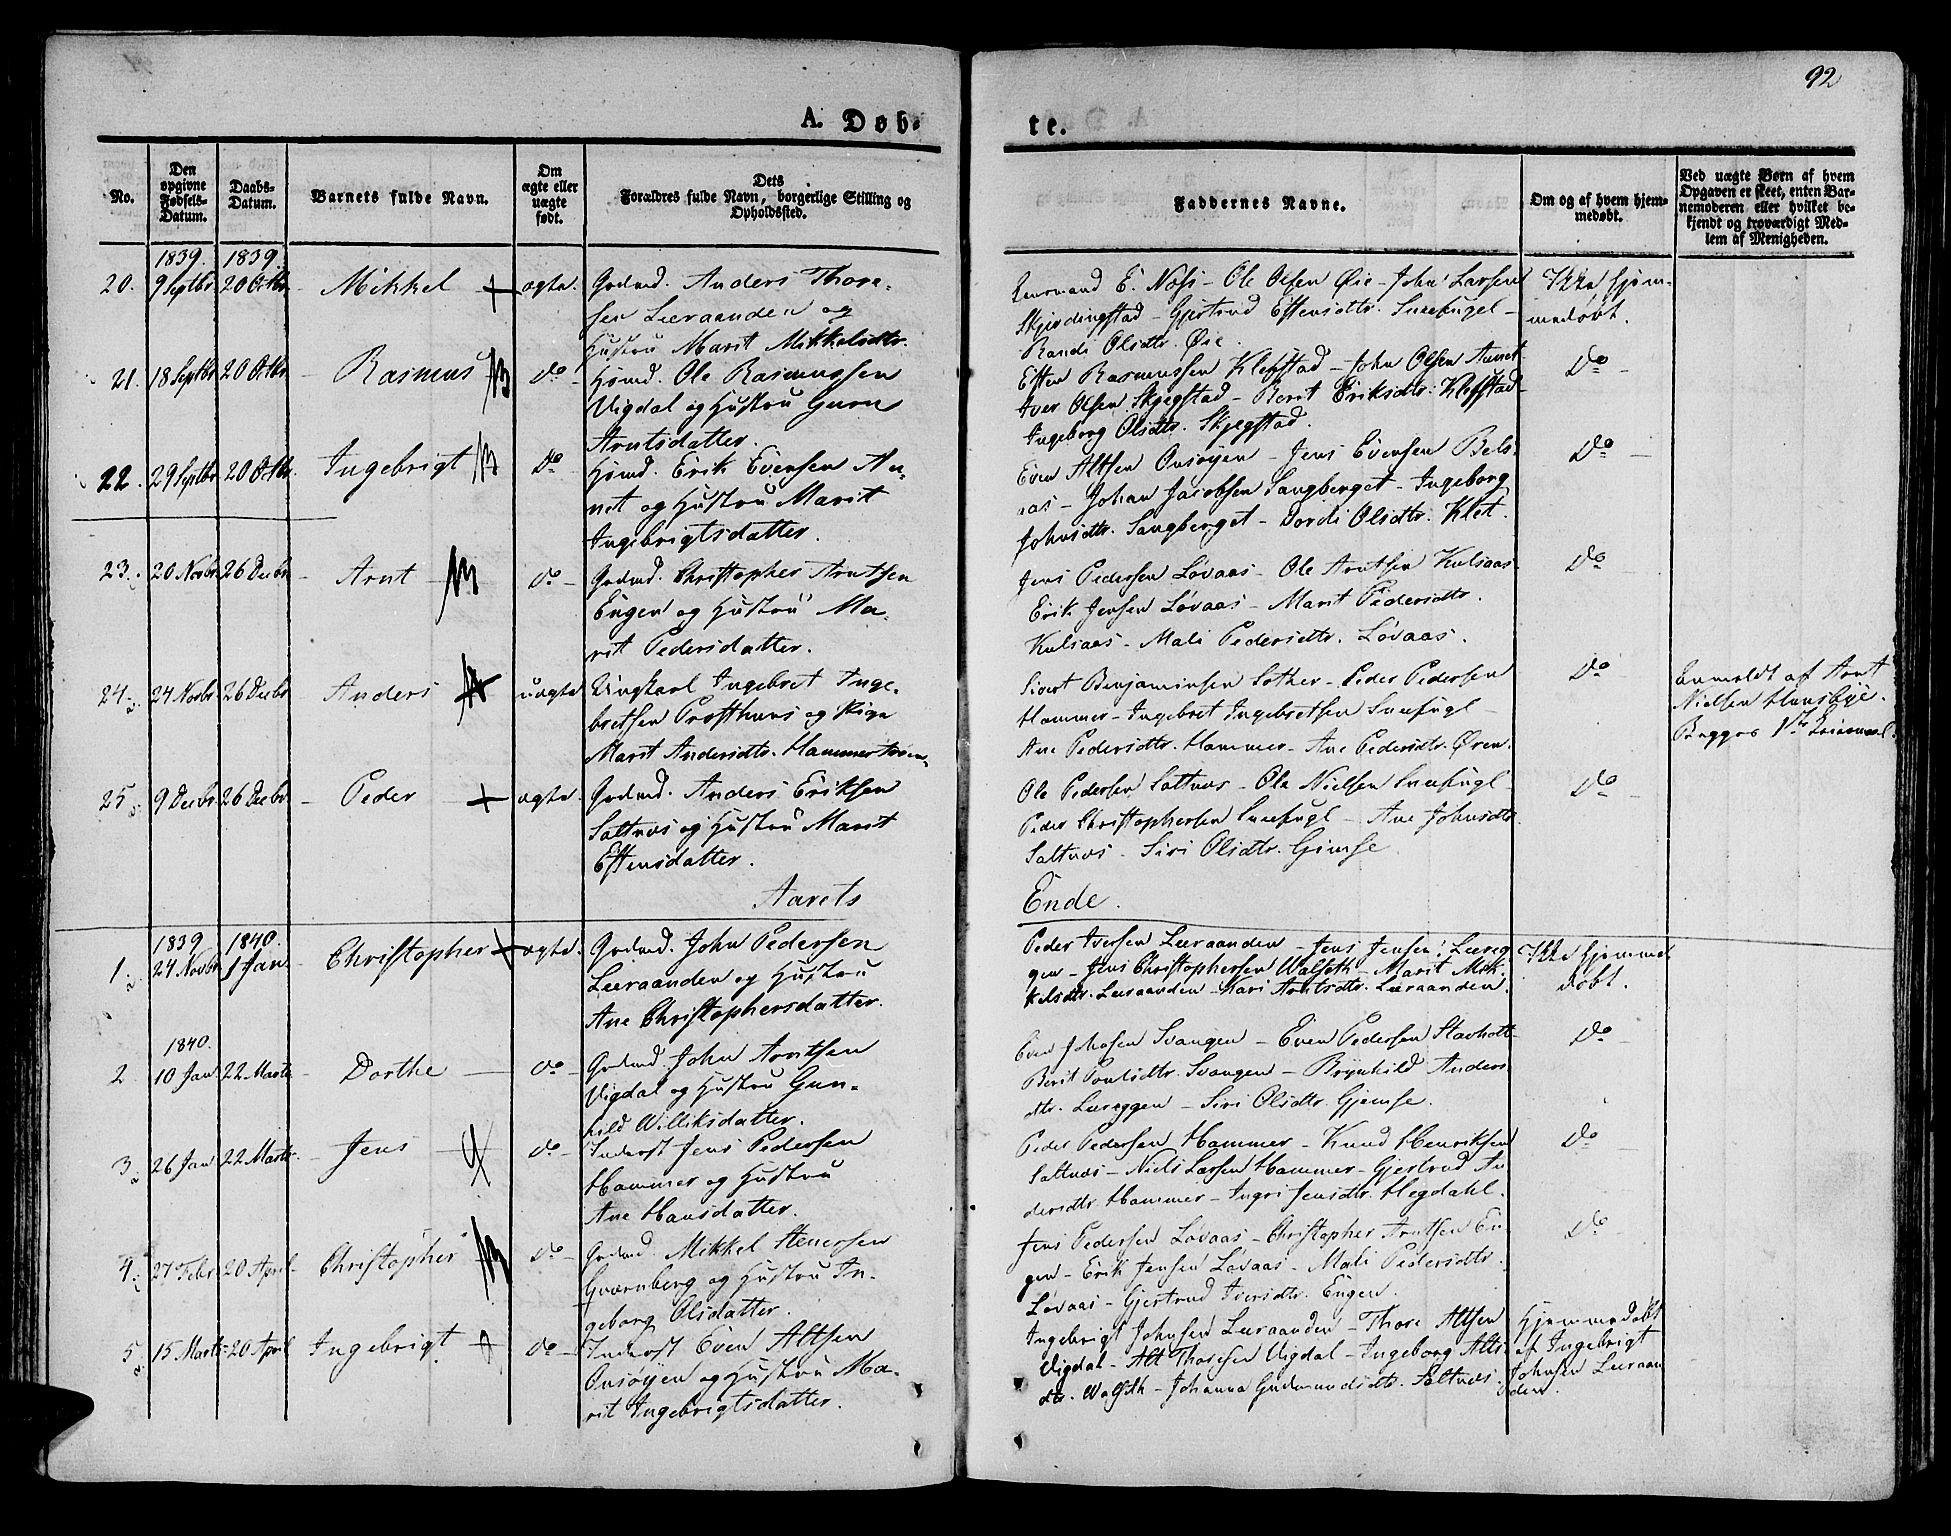 SAT, Ministerialprotokoller, klokkerbøker og fødselsregistre - Sør-Trøndelag, 612/L0375: Ministerialbok nr. 612A07 /2, 1829-1845, s. 92